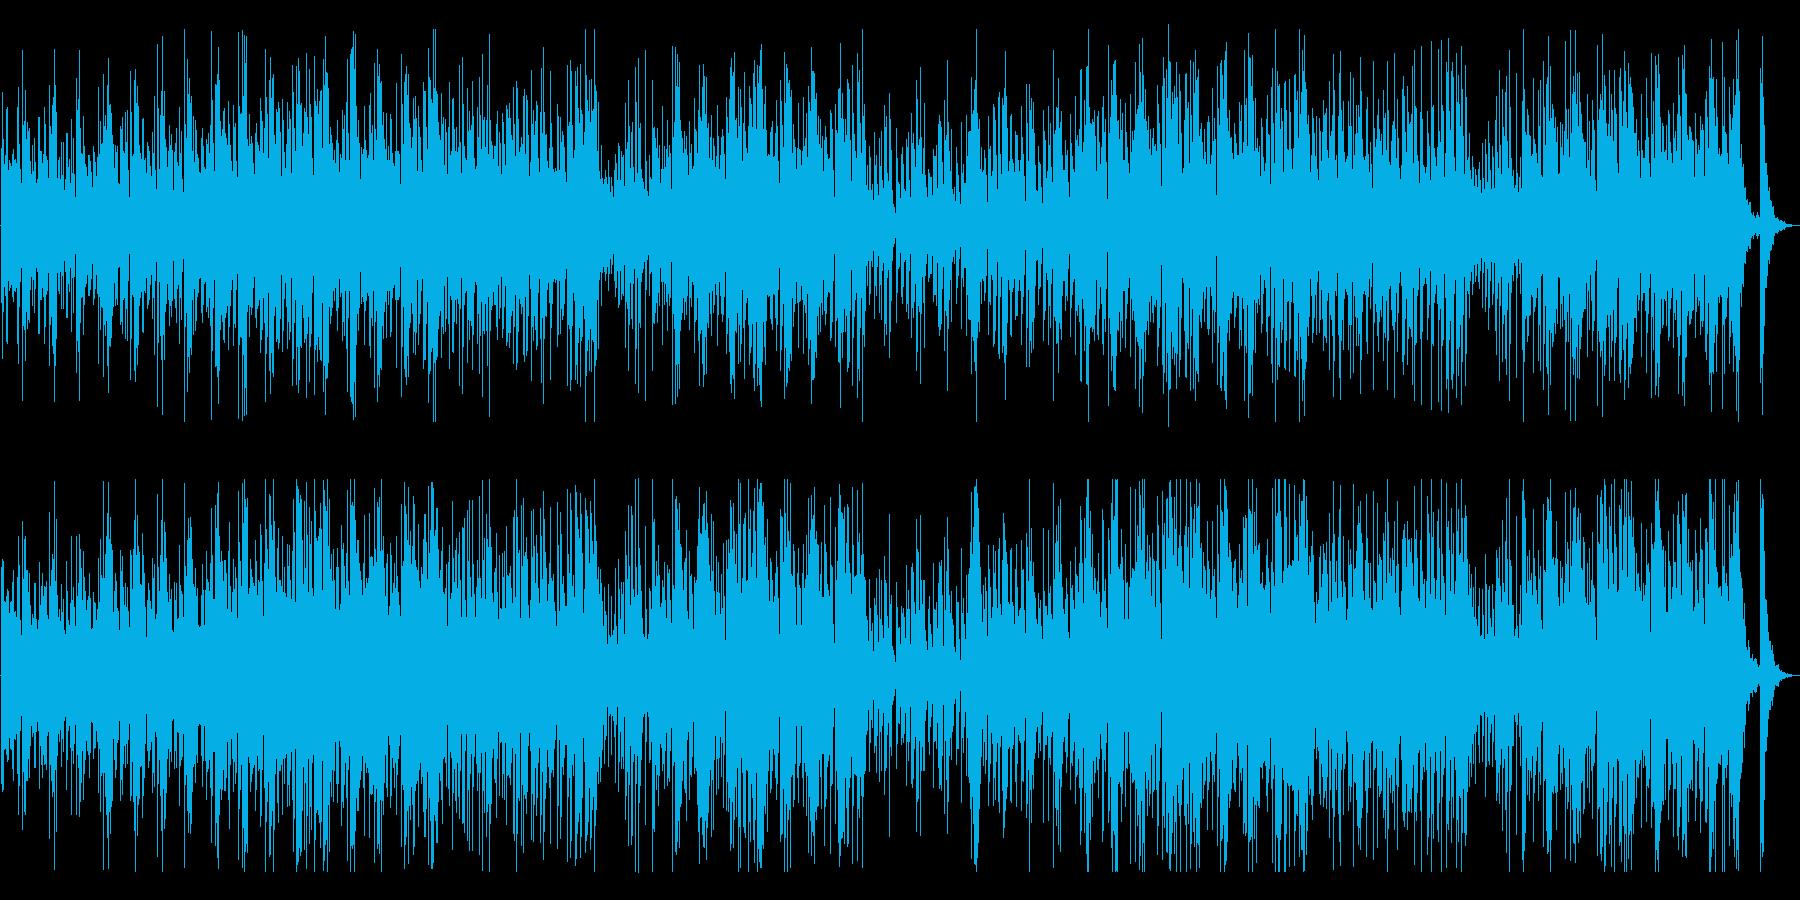 迫力ある王道の和太鼓アンサンブルの再生済みの波形